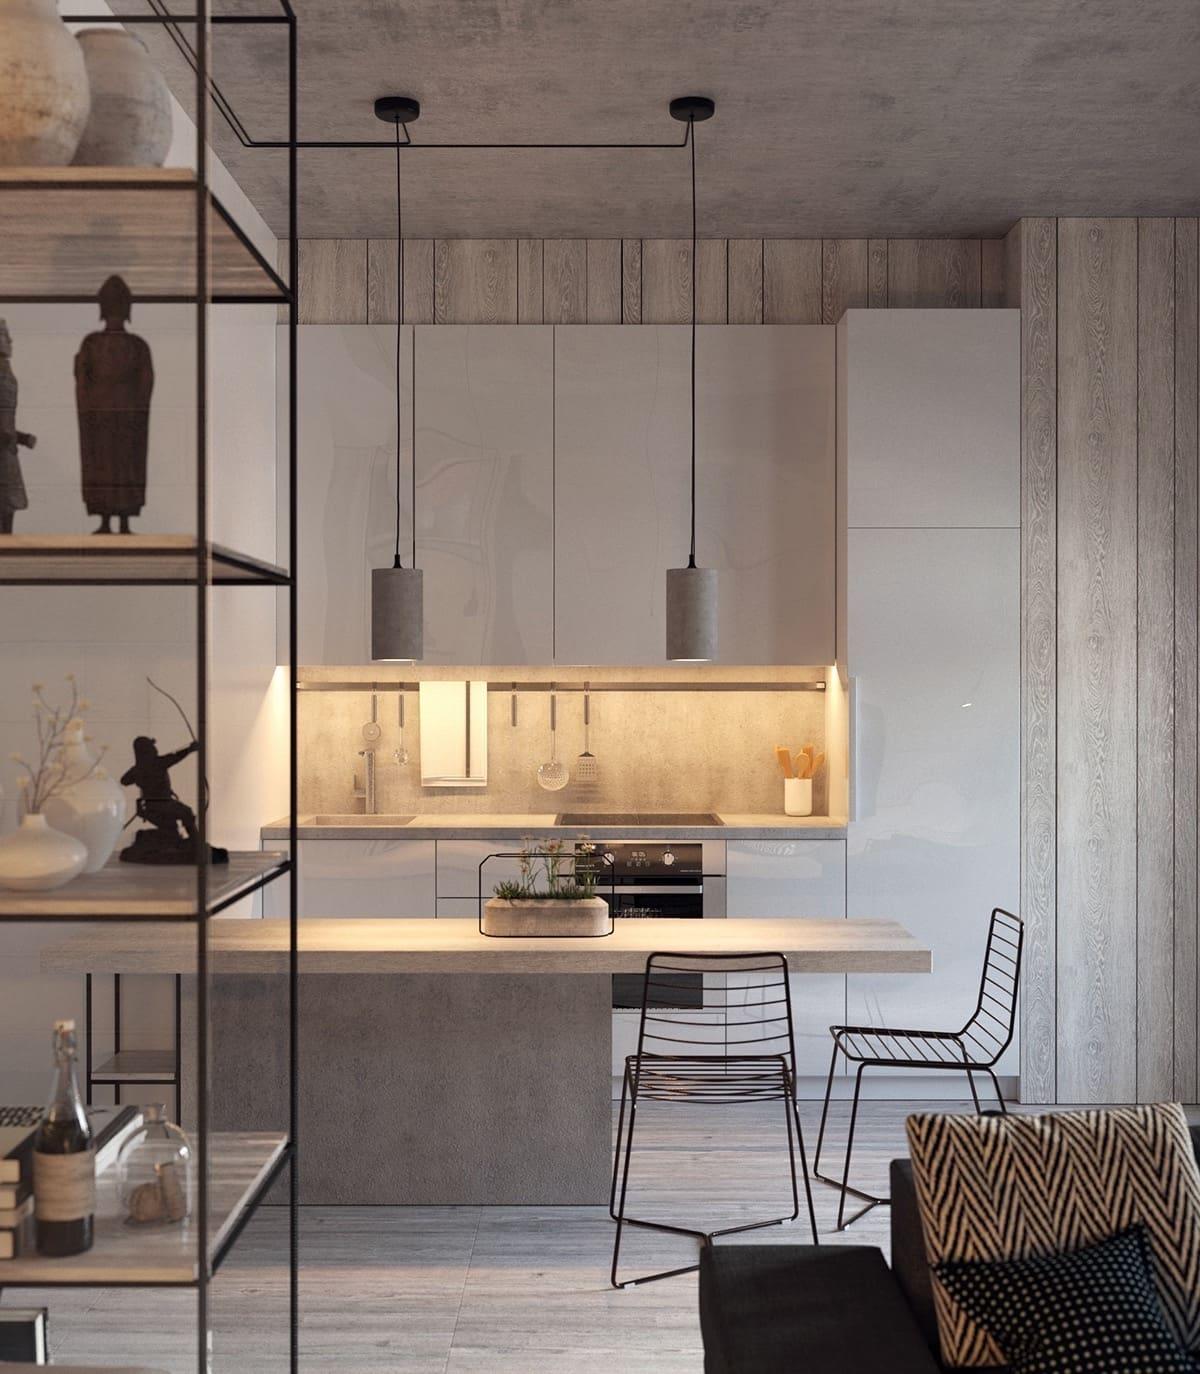 L'éclairage à DEL de l'espace de travail convient parfaitement aux intérieurs de cuisine modernes et classiques en gris.